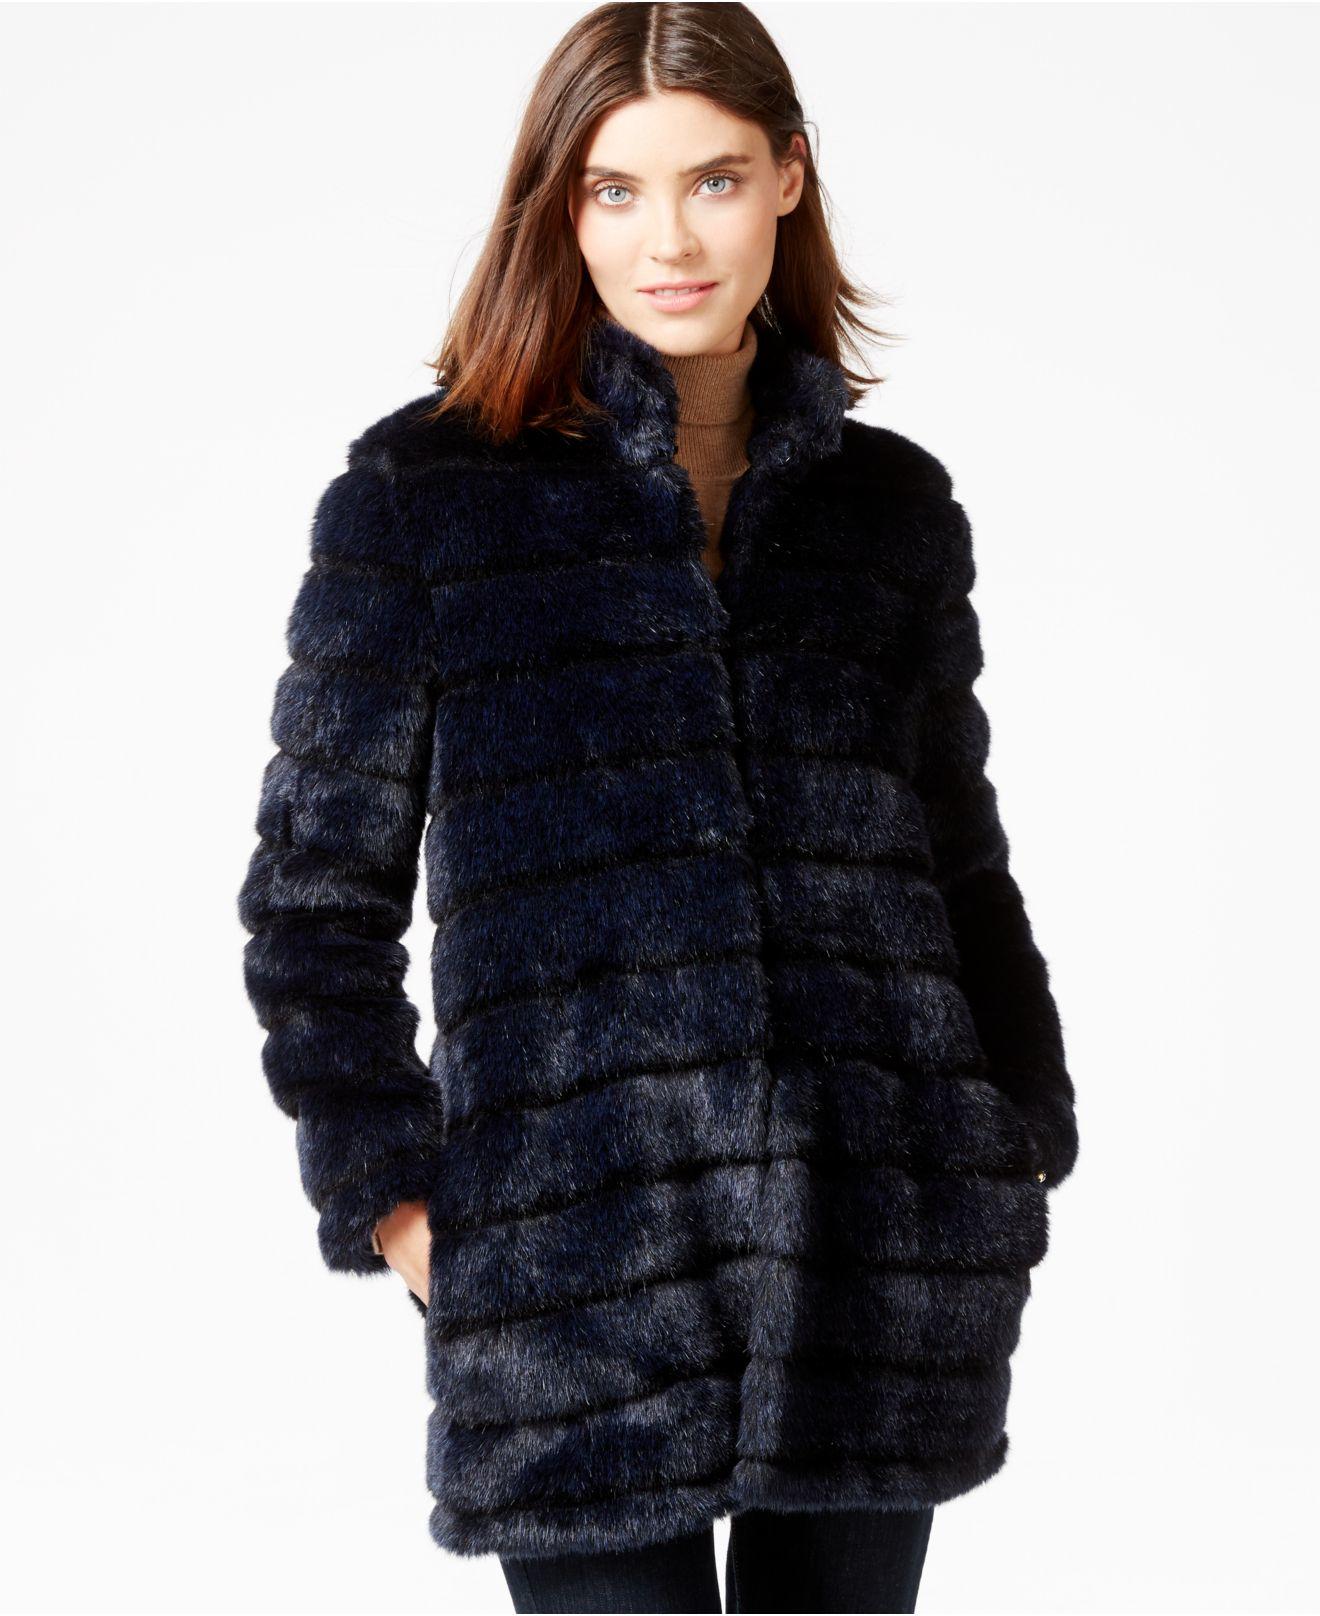 Blue Faux Fur Coat Photo Album - Reikian